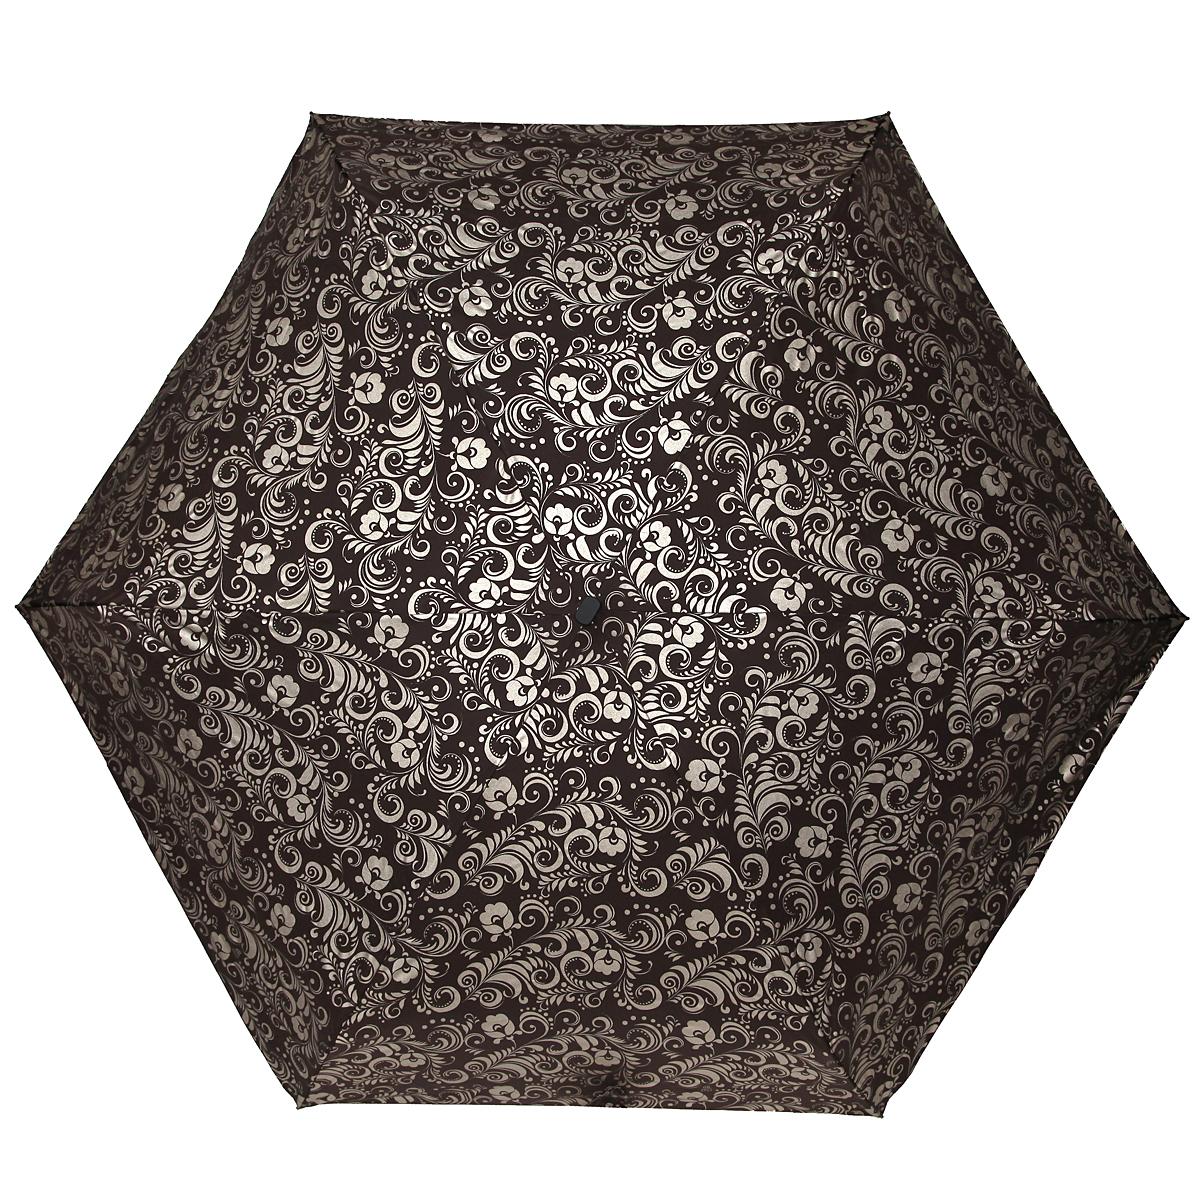 Зонт женский Zest, механический, 5 сложений, цвет: коричневый, золотистый. 25569-126345100636-1/18466/4900NЭлегантный механический зонт Zest в пять сложений изготовлен из высокопрочных материалов. Каркас зонта состоит из шести спиц и прочного алюминиевого стержня. Специальная система Windproof защищает его от поломок во время сильных порывов ветра. Купол зонта выполнен из прочного полиэстера с водоотталкивающей пропиткой и оформлен витиеватым растительным узором. Используемые высококачественные красители обеспечивают длительное сохранение свойств ткани купола. Рукоятка, разработанная с учетом требований эргономики, выполнена из пластика.Зонт механического сложения: купол открывается и закрывается вручную до характерного щелчка.Небольшой шнурок, расположенный на рукоятке, позволяет надеть изделие на руку при необходимости. Модель закрывается при помощи хлястика на застежку-липучку. К зонту прилагается чехол.Очаровательный зонт не только выручит вас в ненастную погоду, но и станет стильным аксессуаром, который прекрасно дополнит ваш модный образ.